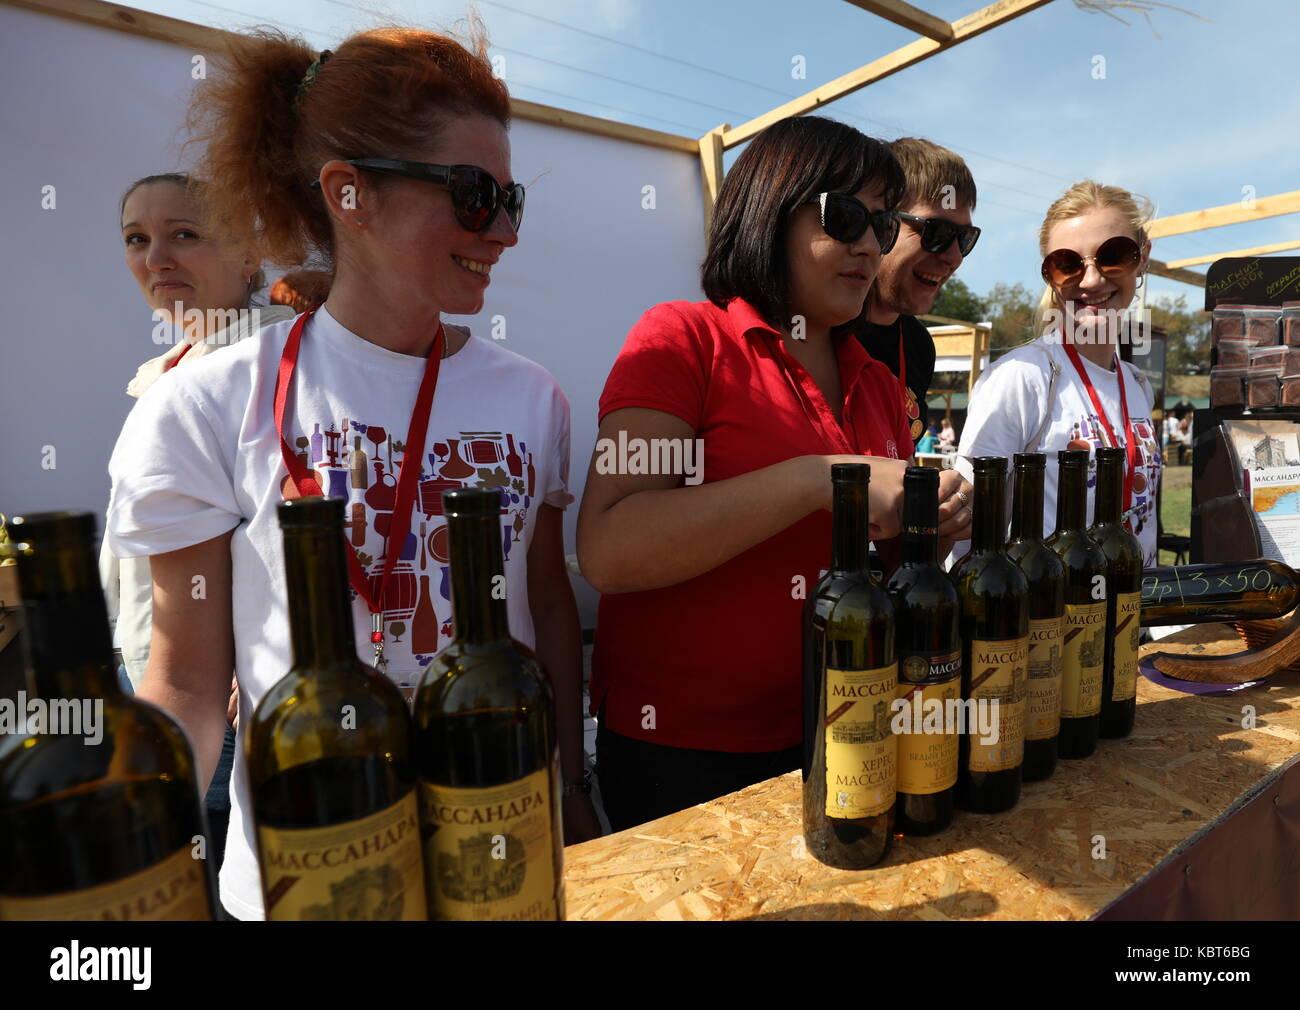 Crimea, Rusia. 30 sep, 2017. personas asistan a la winefest la recolección de la uva y la elaboración del vino en el festival de zolotaya balka bodega en la ciudad de balaklava. Crédito: Sergei malgavko/tass/alamy live news Foto de stock